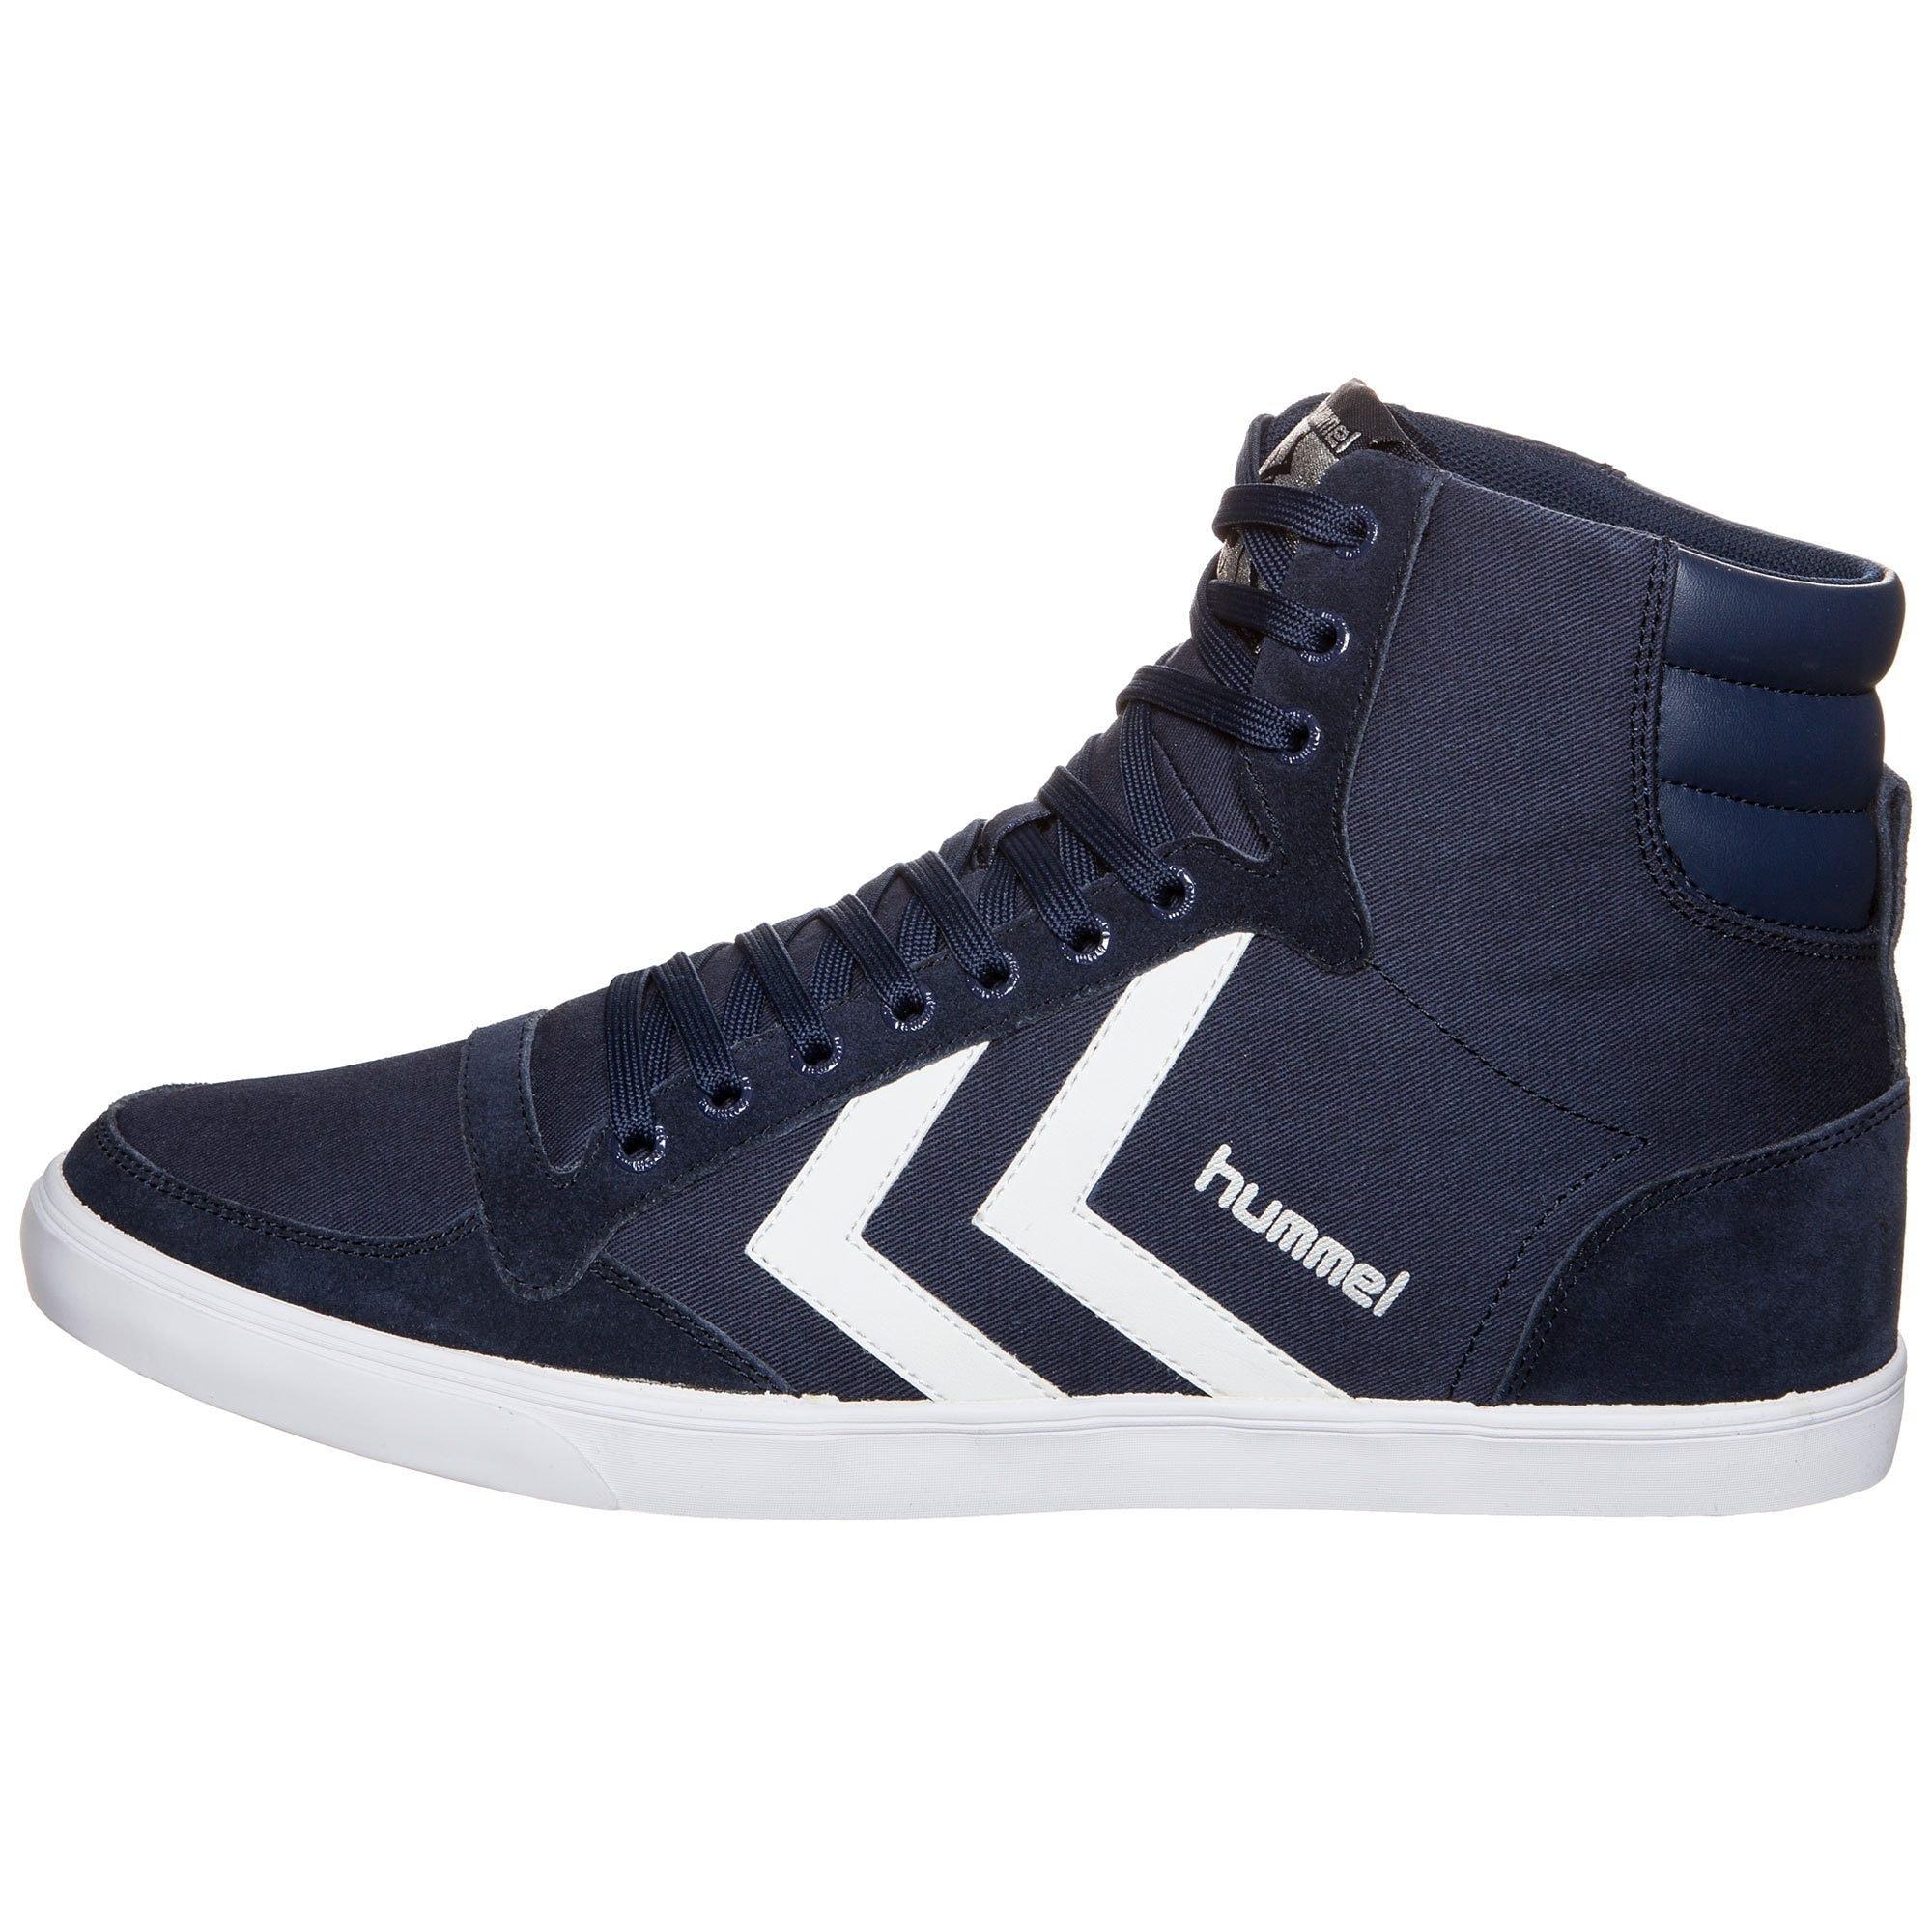 Hummel Slimmer Stadil High Sneaker per Rechnung   Gutes Gutes Gutes Preis-Leistungs-Verhältnis, es lohnt sich a37687